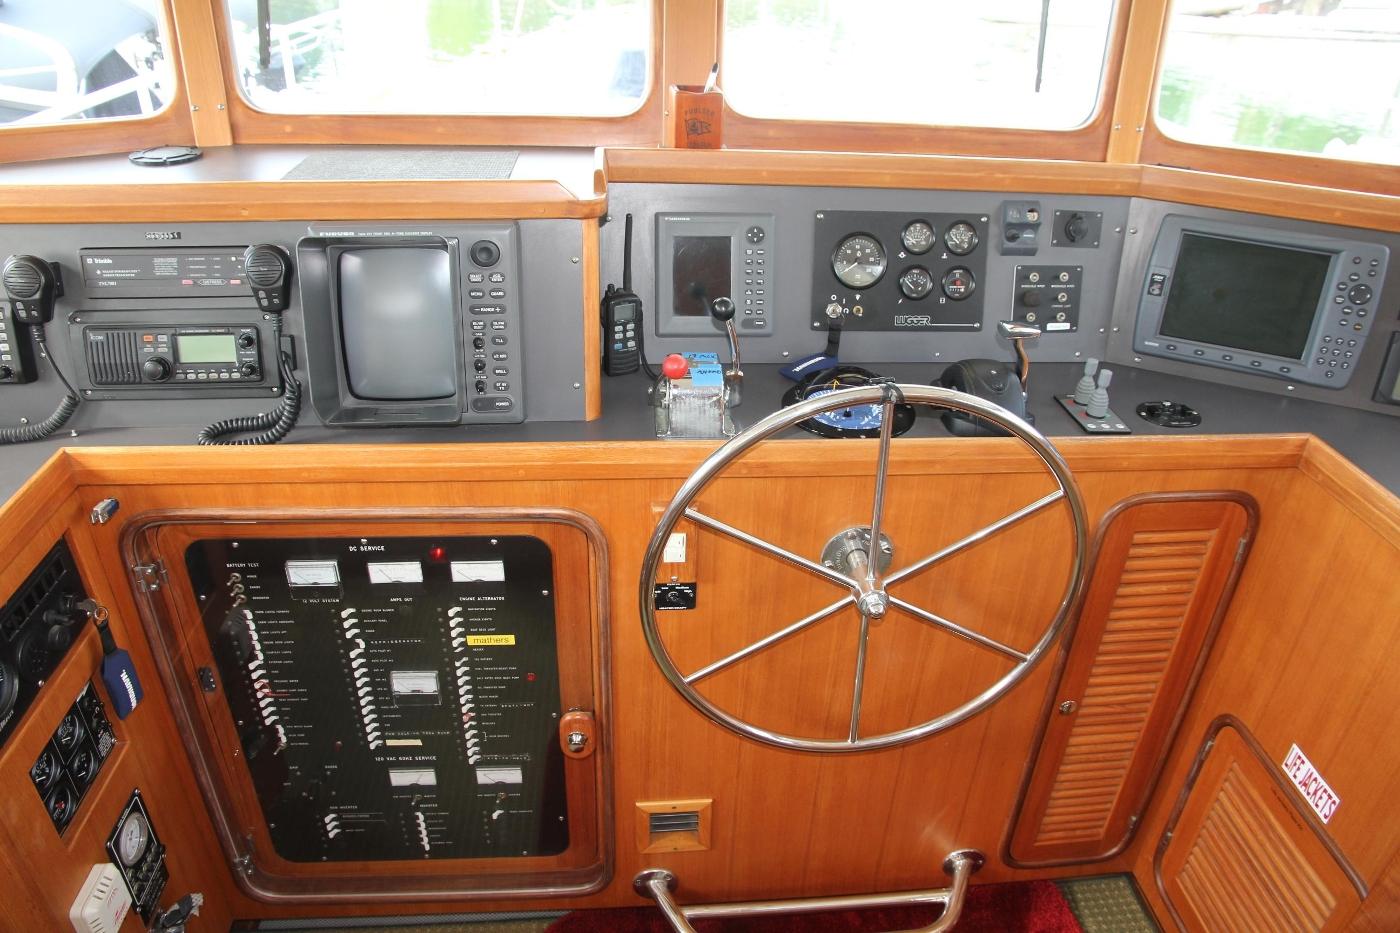 2000 Nordhavn Pilothouse, Helm Station Controls